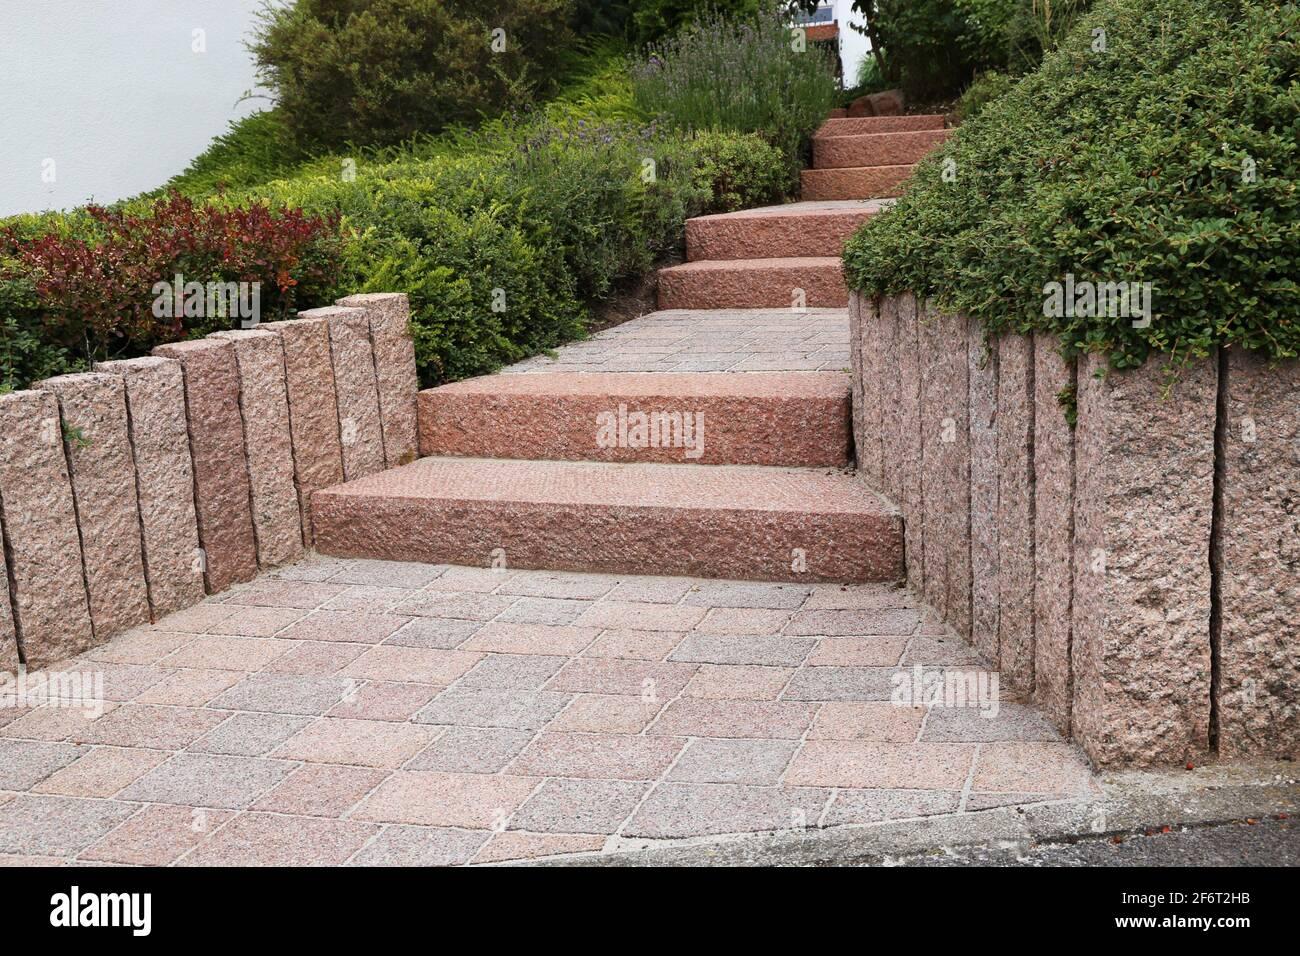 Cortile anteriore ordinato e ordinato con gradini a blocco solido, ghiaia decorativa e piantatura. Foto Stock